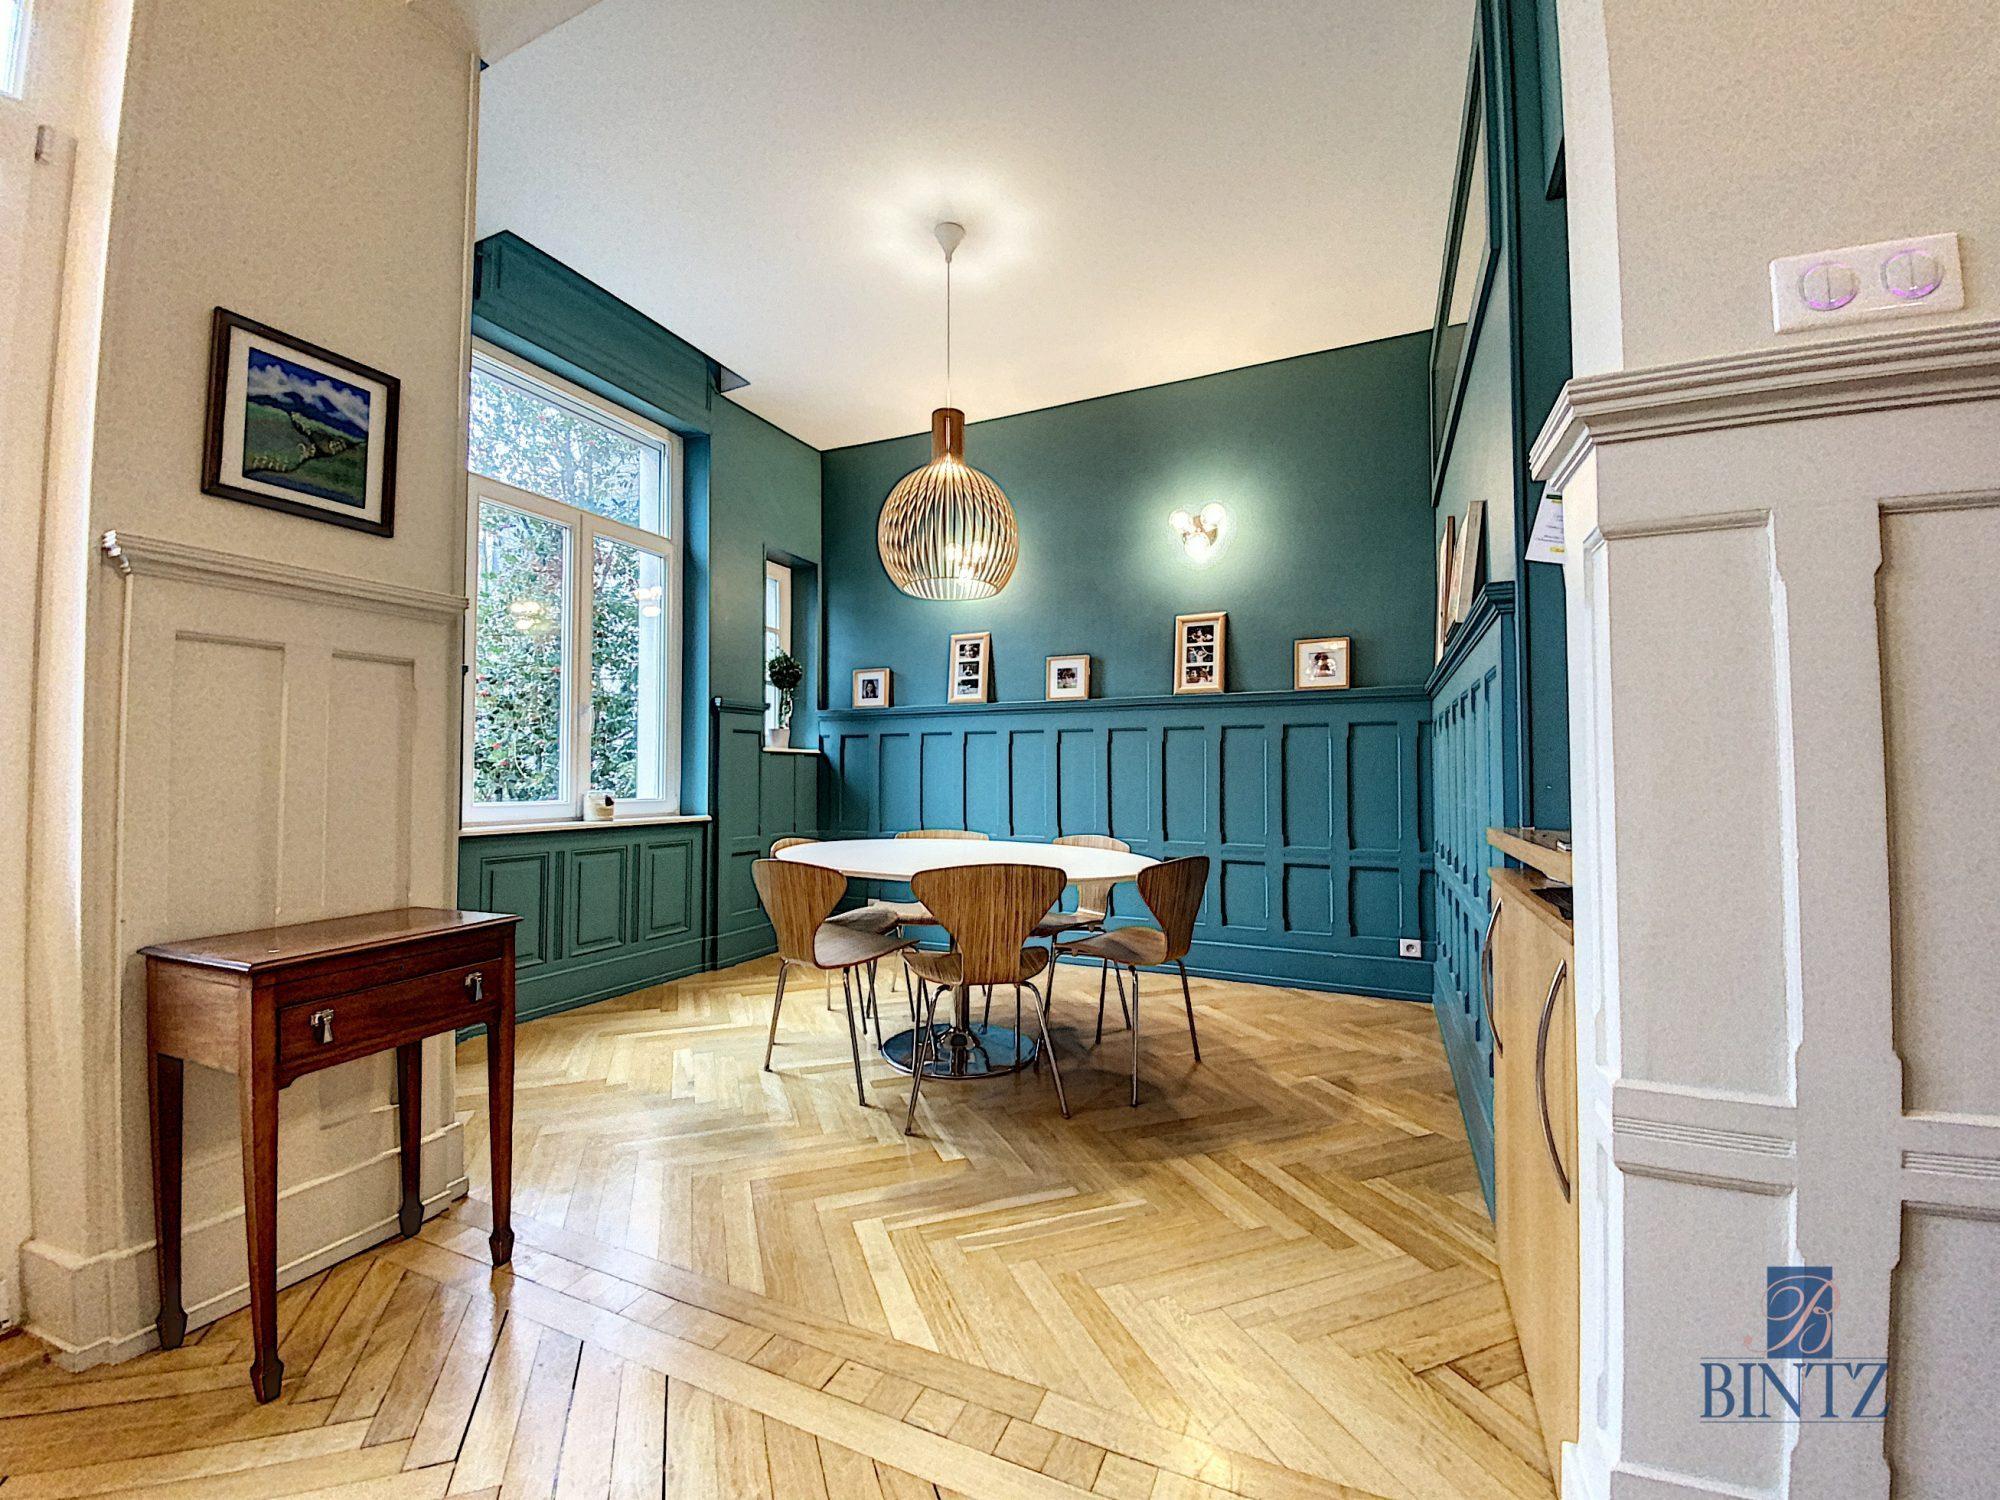 MAGNIFIQUE HOTEL PARTICULIER À STRASBOURG - Devenez propriétaire en toute confiance - Bintz Immobilier - 6